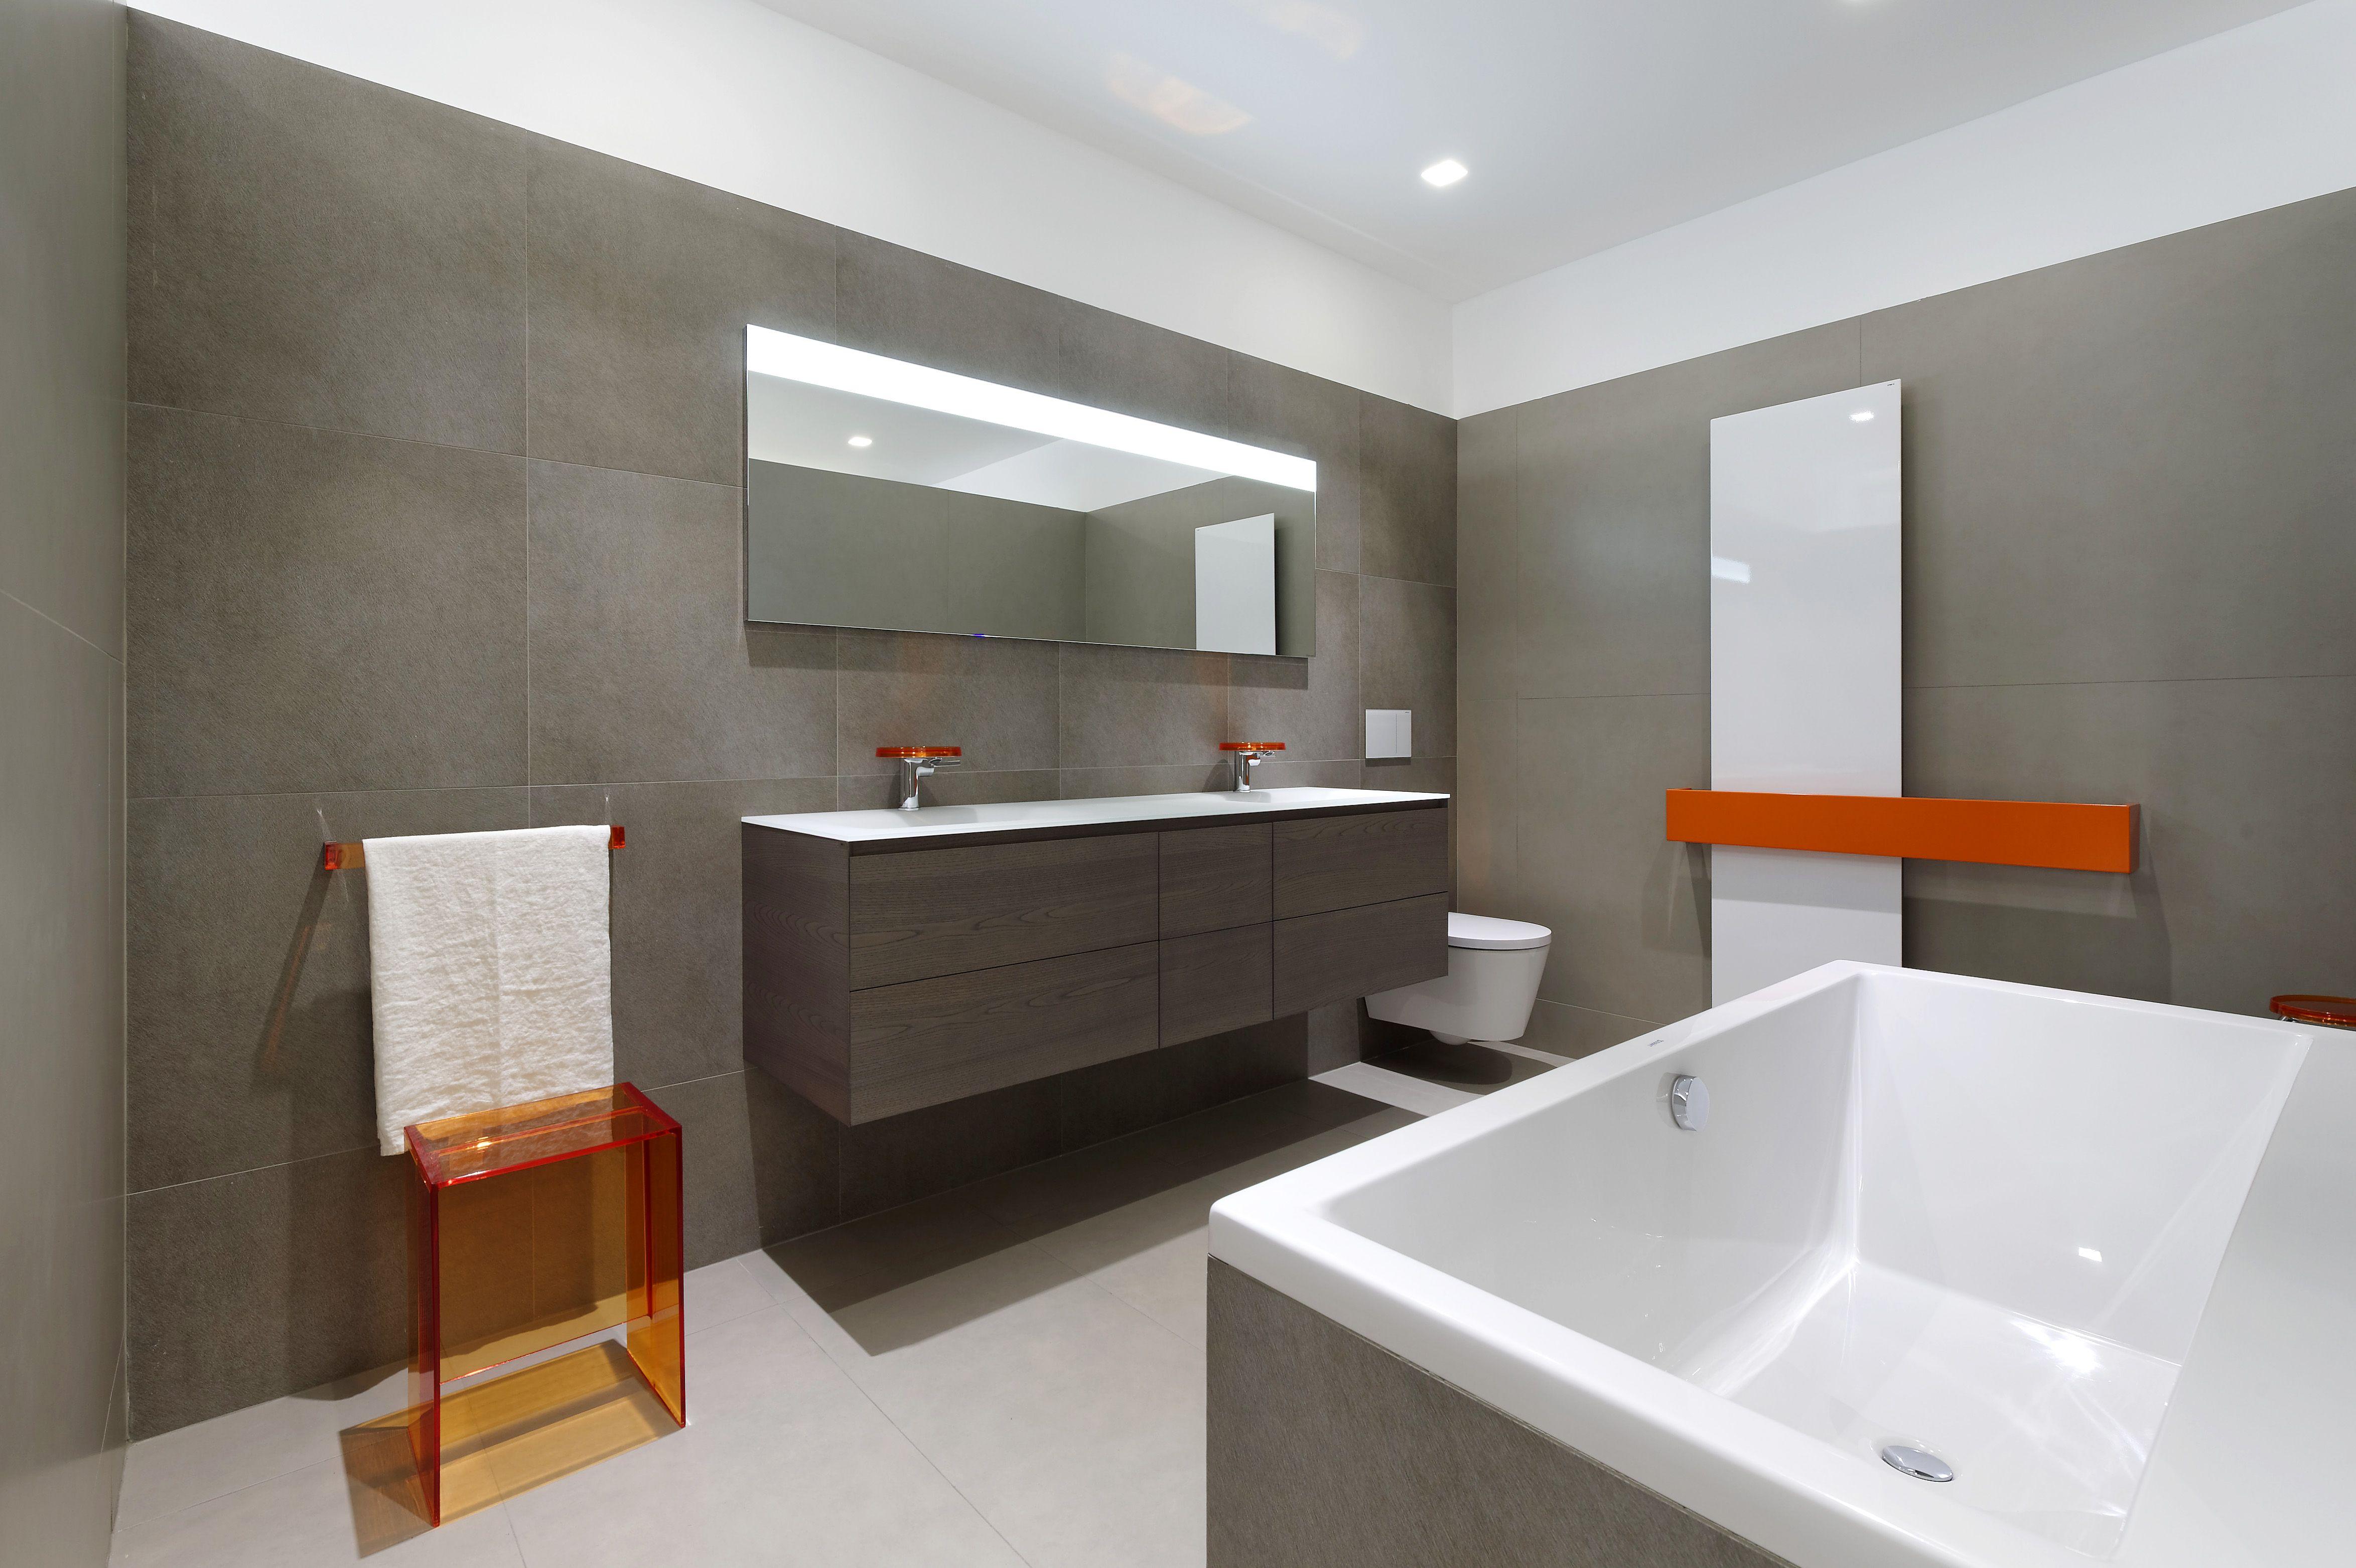 Une ambiance salle de bains contemporaine et colorée: meuble de ...